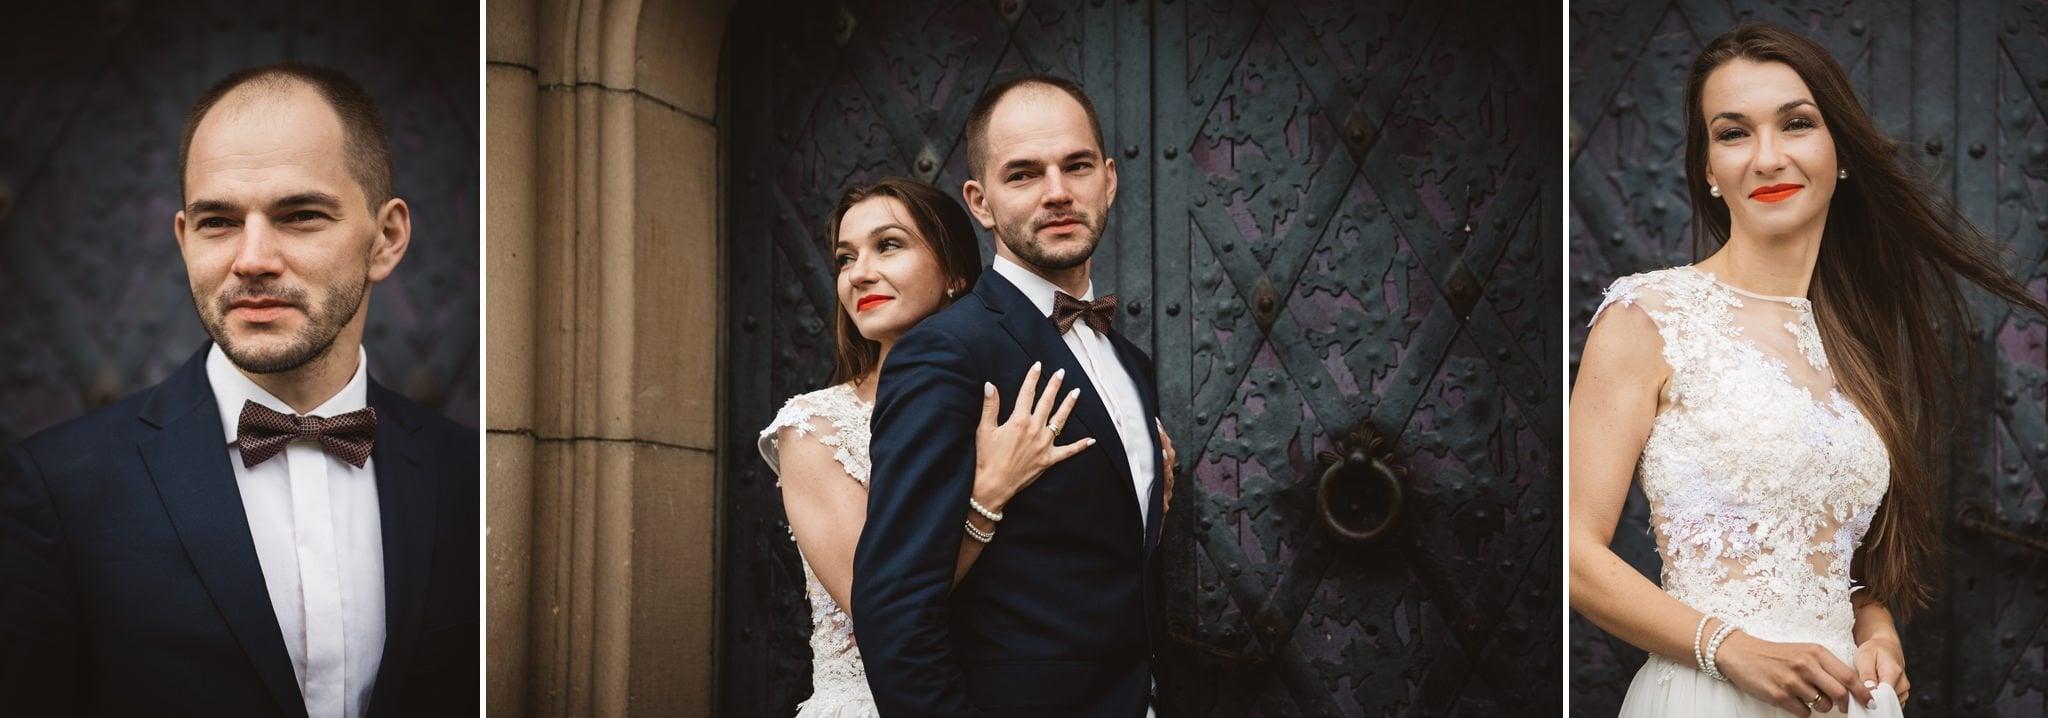 Ala i Arek, czyli jak zorganizować ślub i wesele w 4 tygodnie! 435